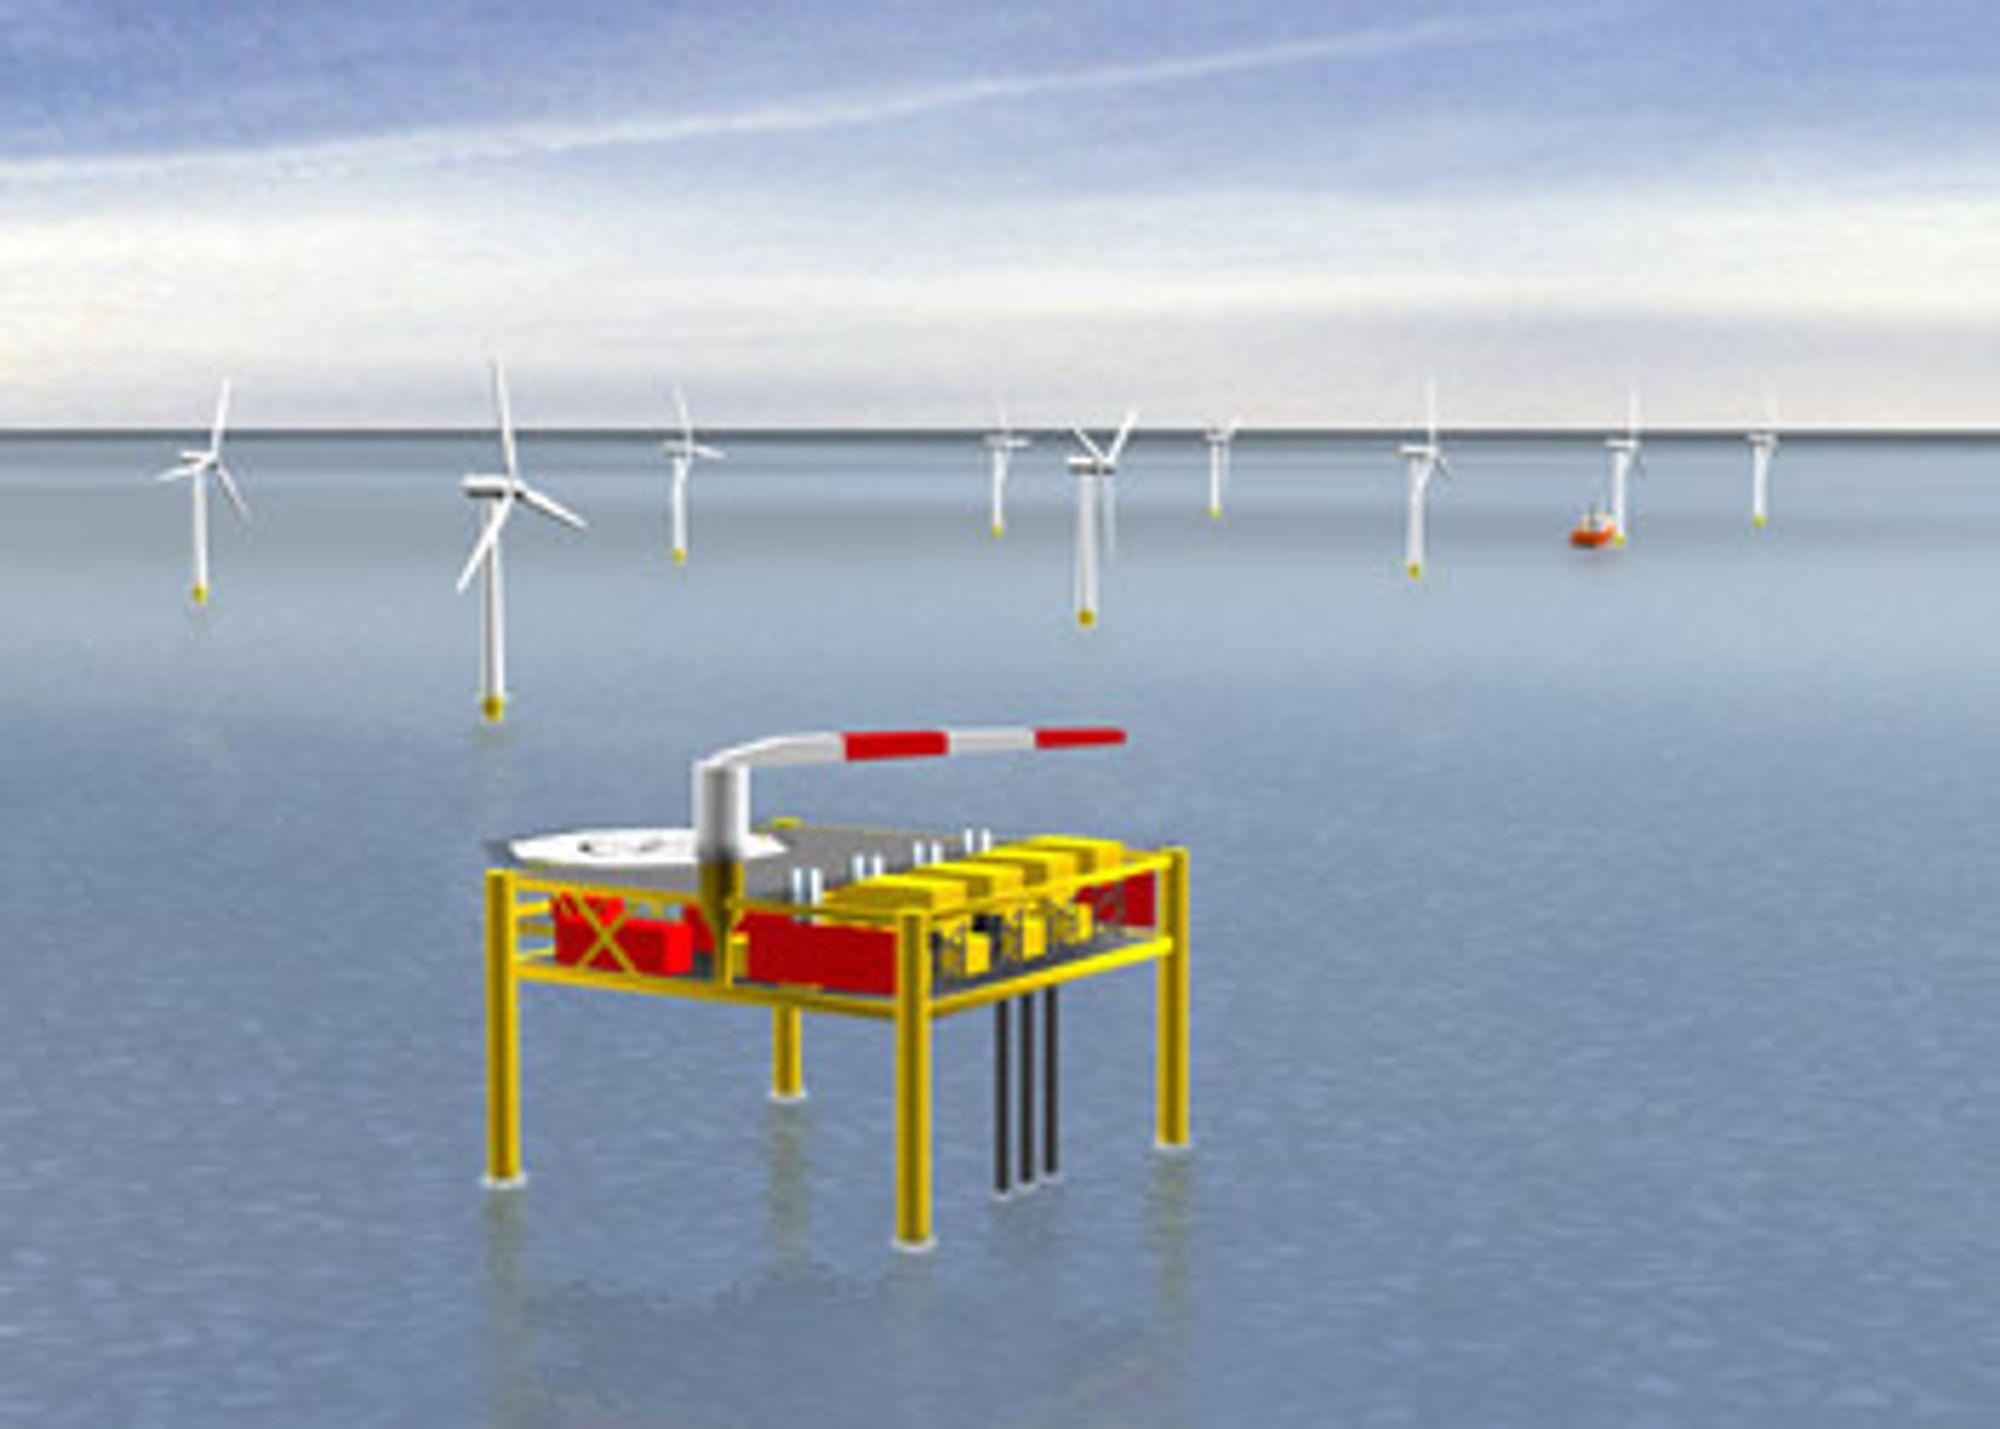 FØRSTE GASS- OG VINDHYBRID: Britiske Eclipse Energy Company Ltd vil bruke gass kombinert med vindkraft - vindkraft alene gir ingen jevn energiproduksjon.